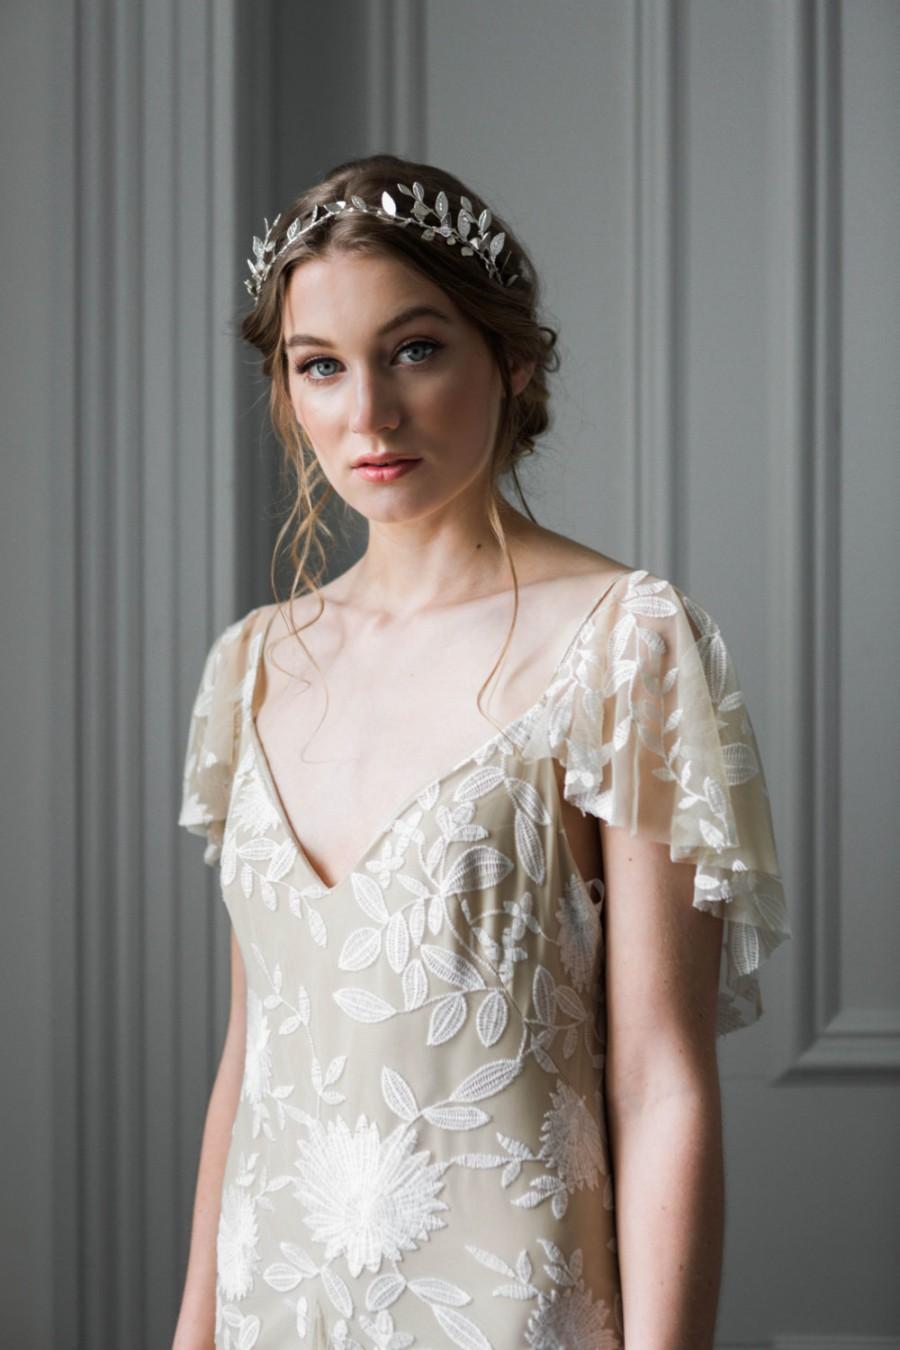 Mariage - Delicate Leaf Tiara, Silver Tiara, Leaf Halo, Leaf Headpiece, silver bridal headband, bridal tiara, bridal headpiece, bohemian, boho #102